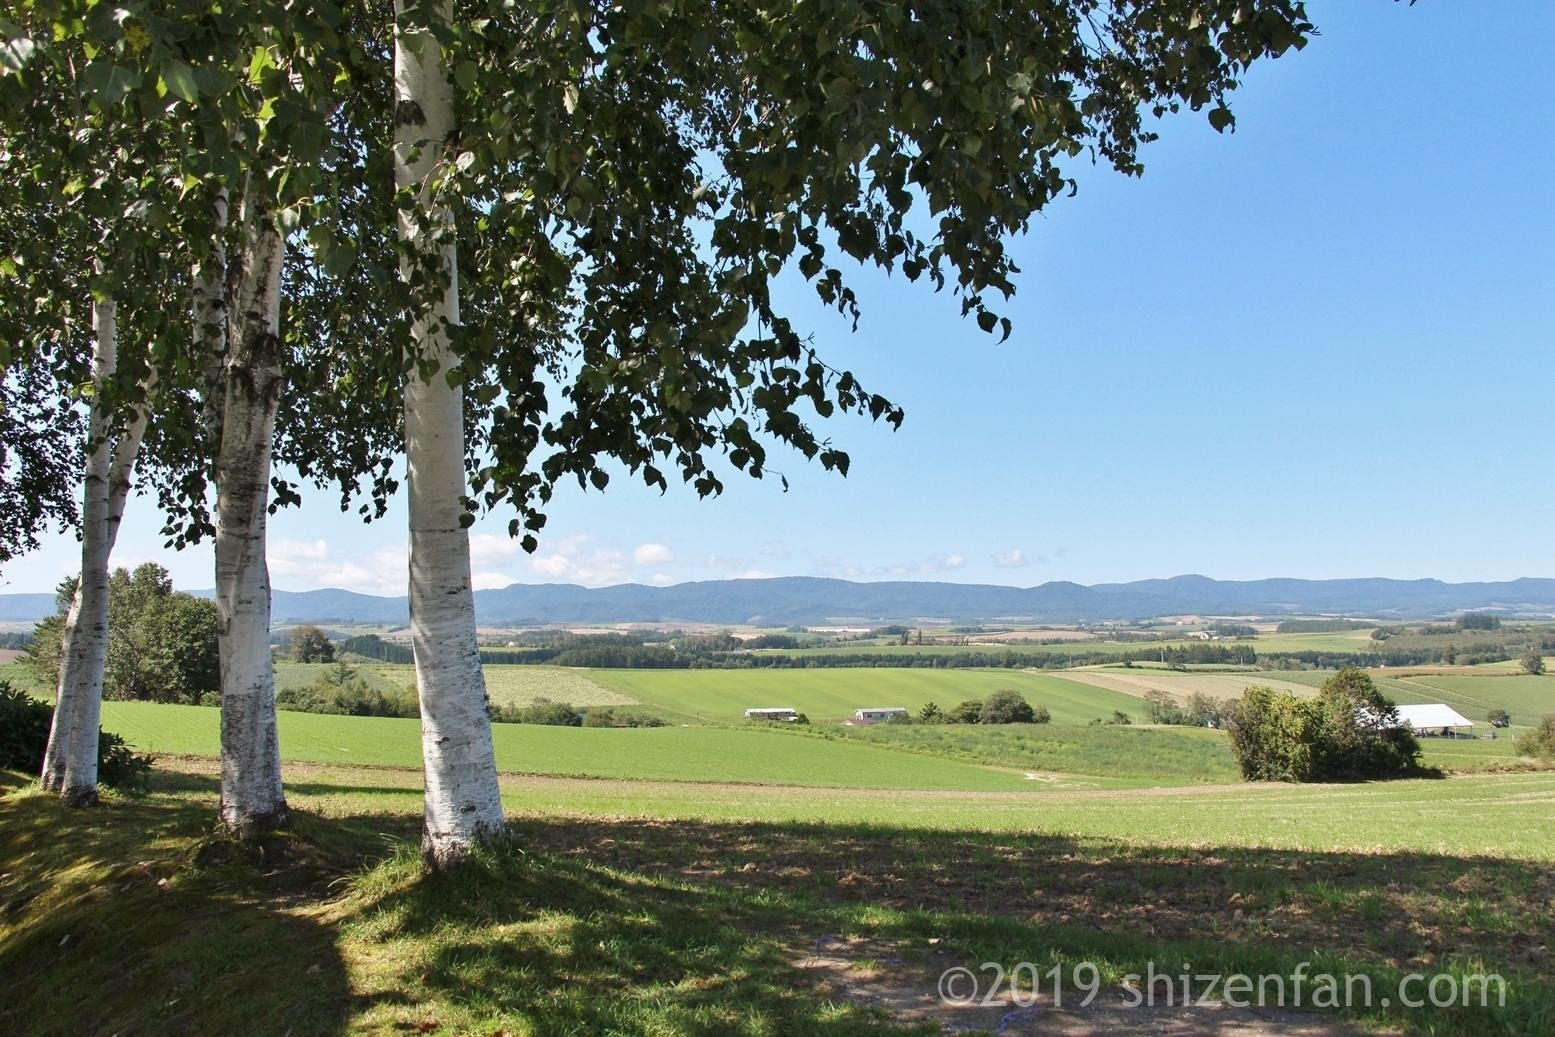 三愛の丘公園の白樺の木、背景には山々と丘